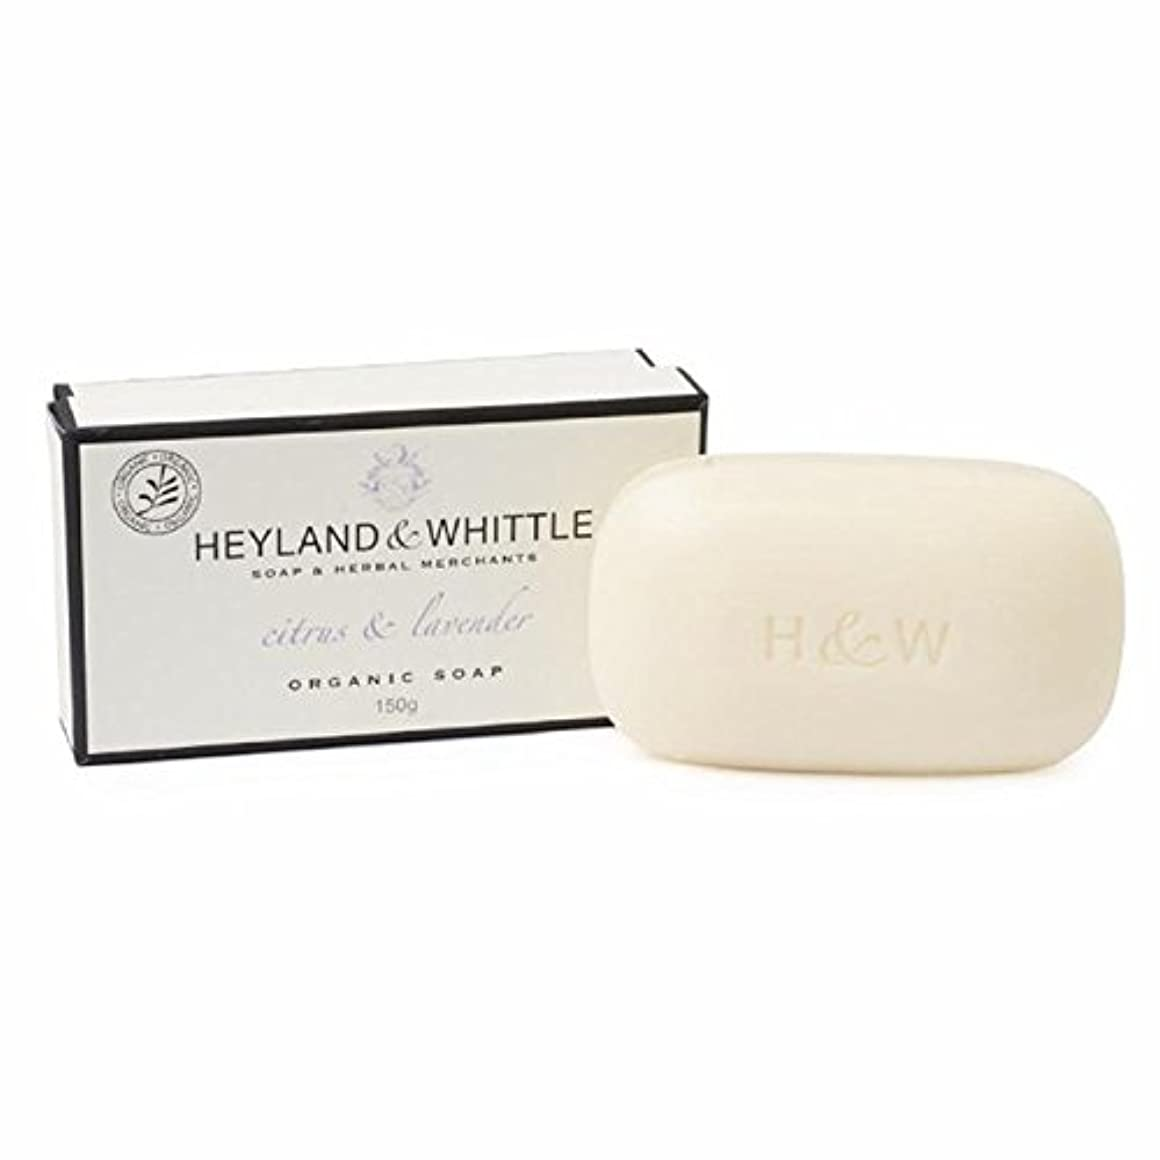 却下する写真撮影羊飼いHeyland & Whittle Citrus & Lavender Boxed Organic Soap 150g - &削るシトラス&ラベンダーは、有機石鹸150グラム箱入り [並行輸入品]